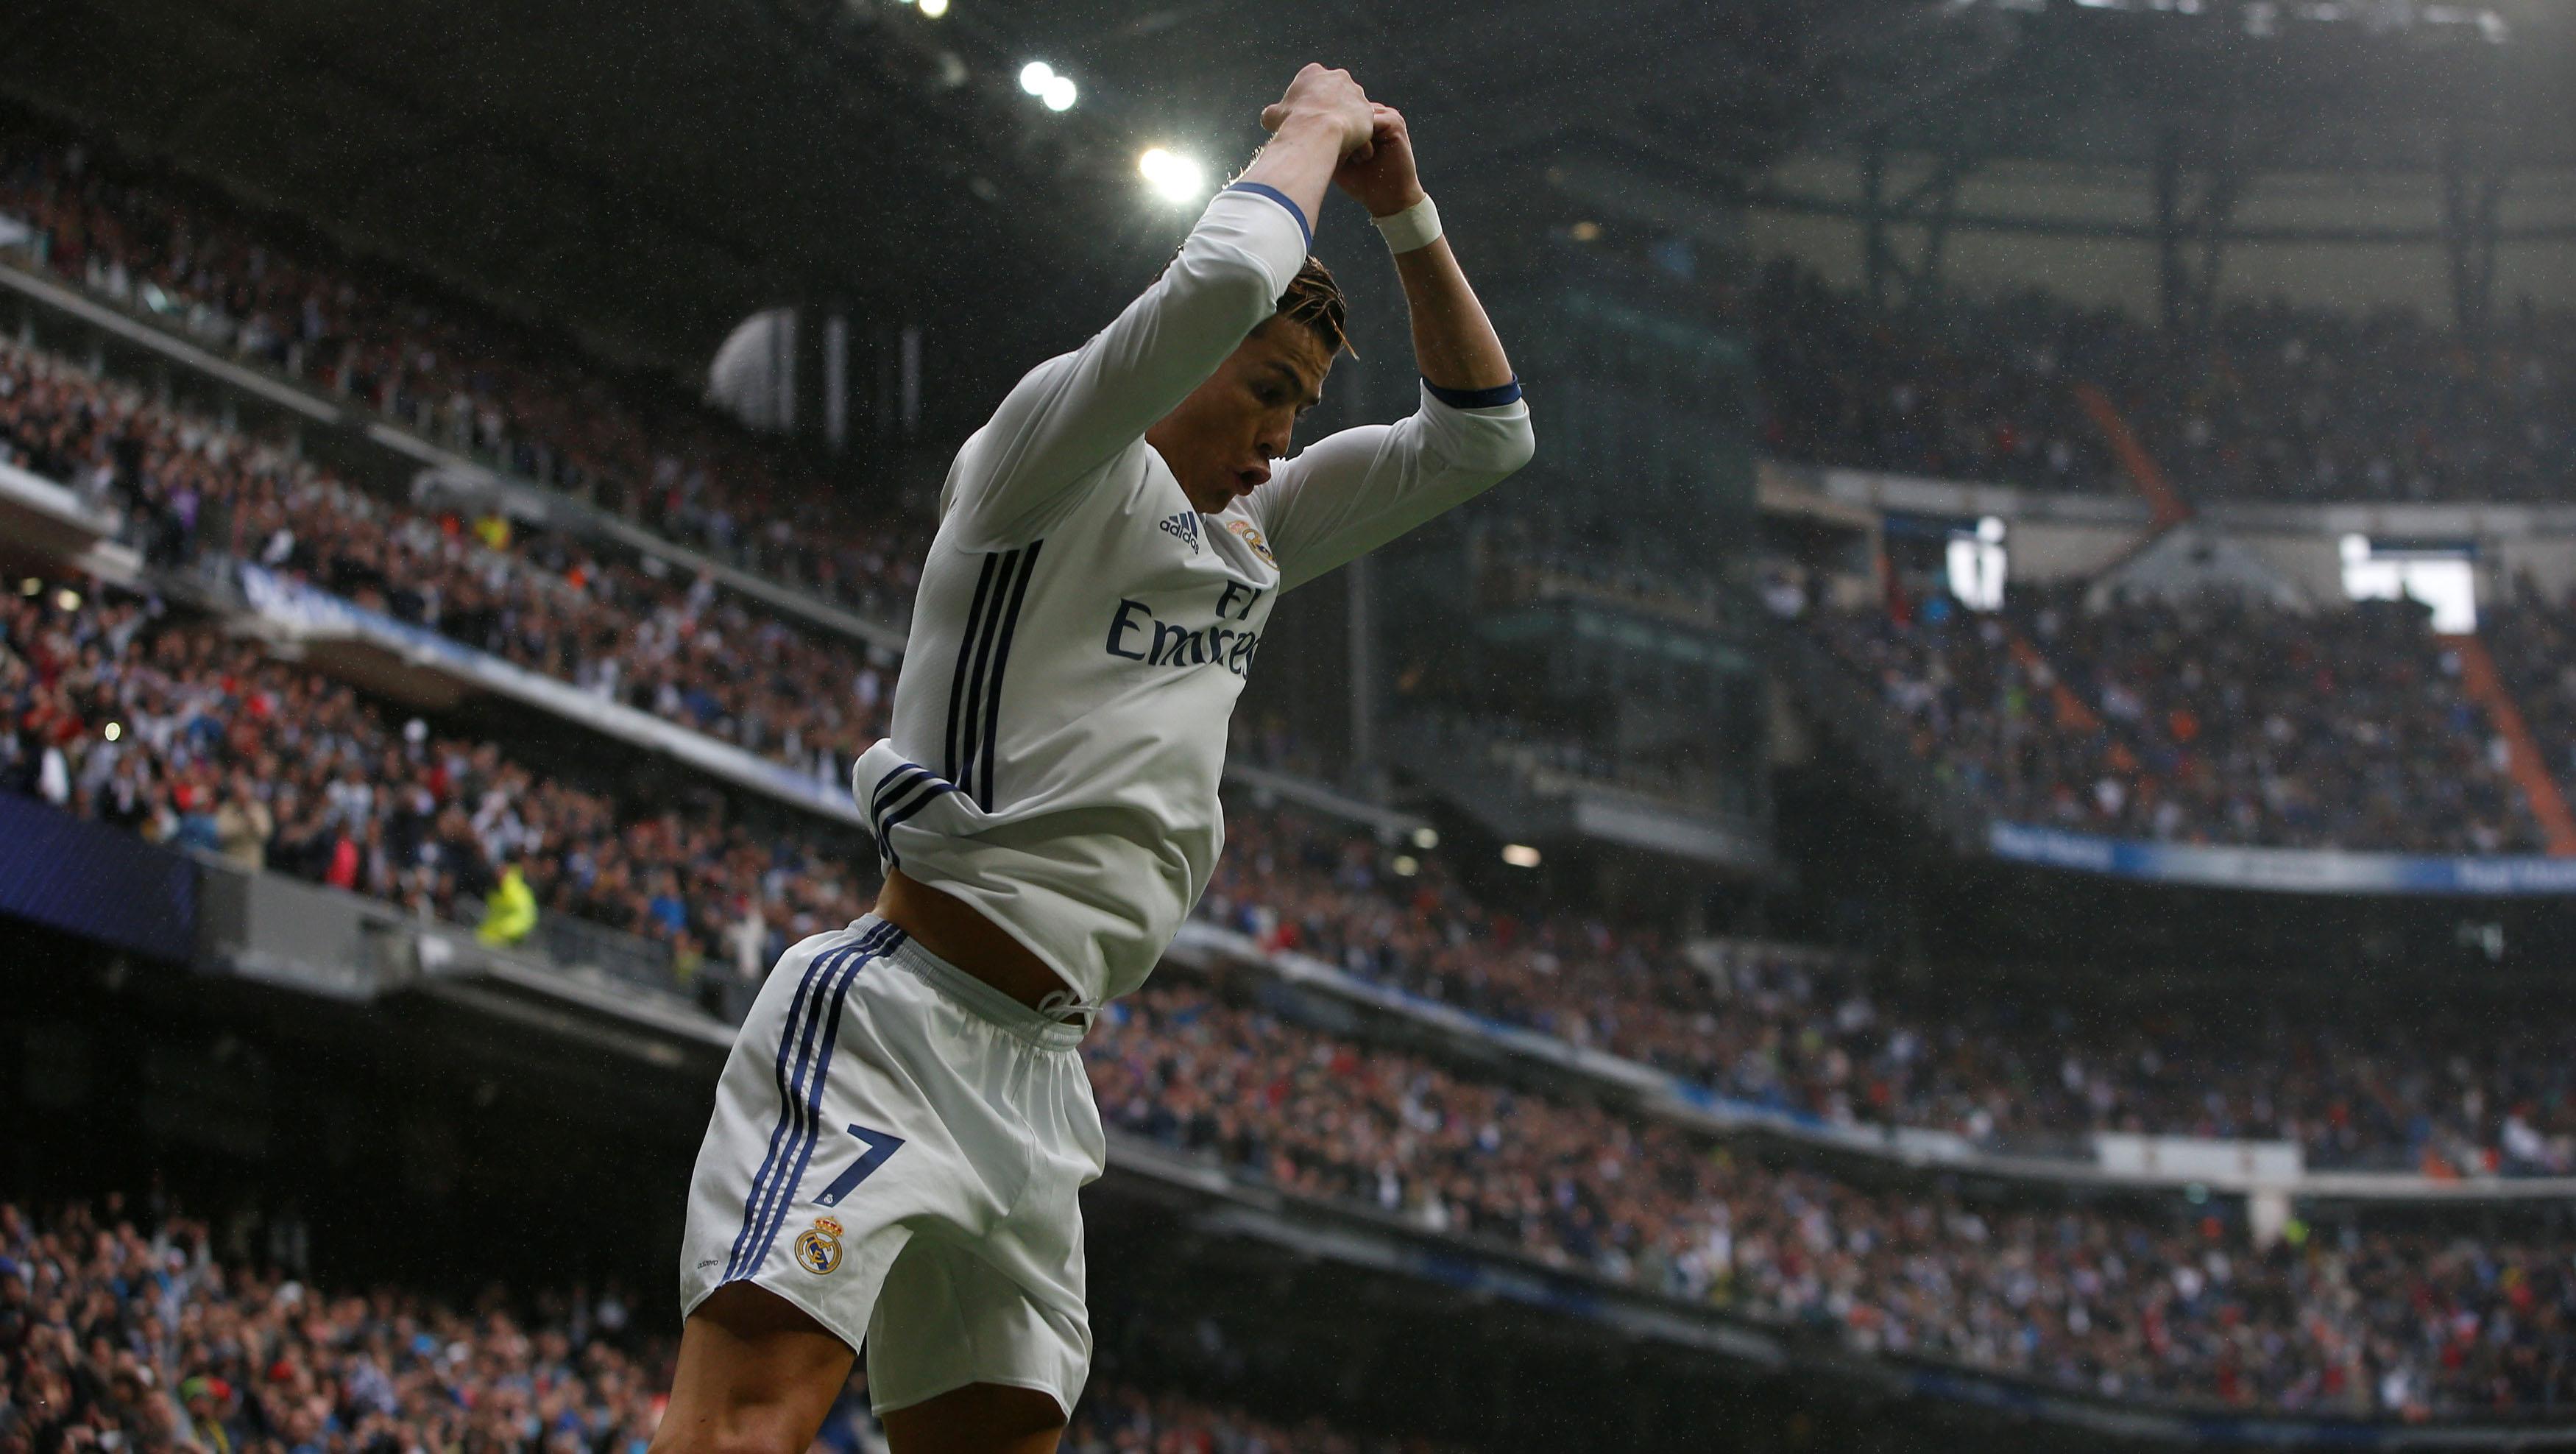 Cristiano, goleador histórico de las 5 primeras ligas europeas